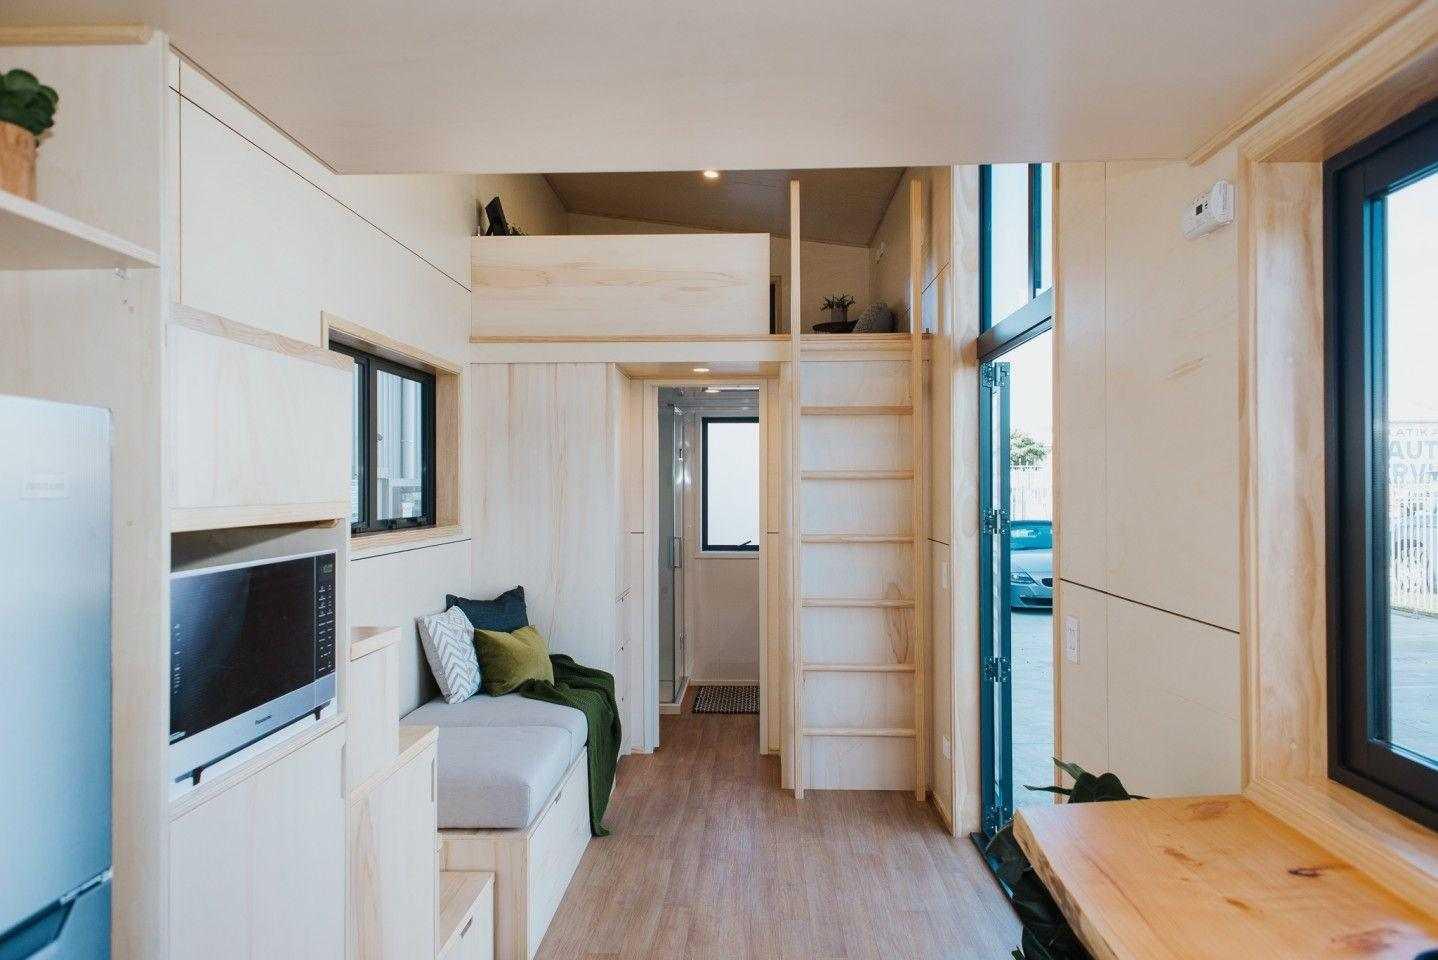 Скоти Малката къща няма място за голяма част от хола долу и вместо това има кът за сядане близо до вратата